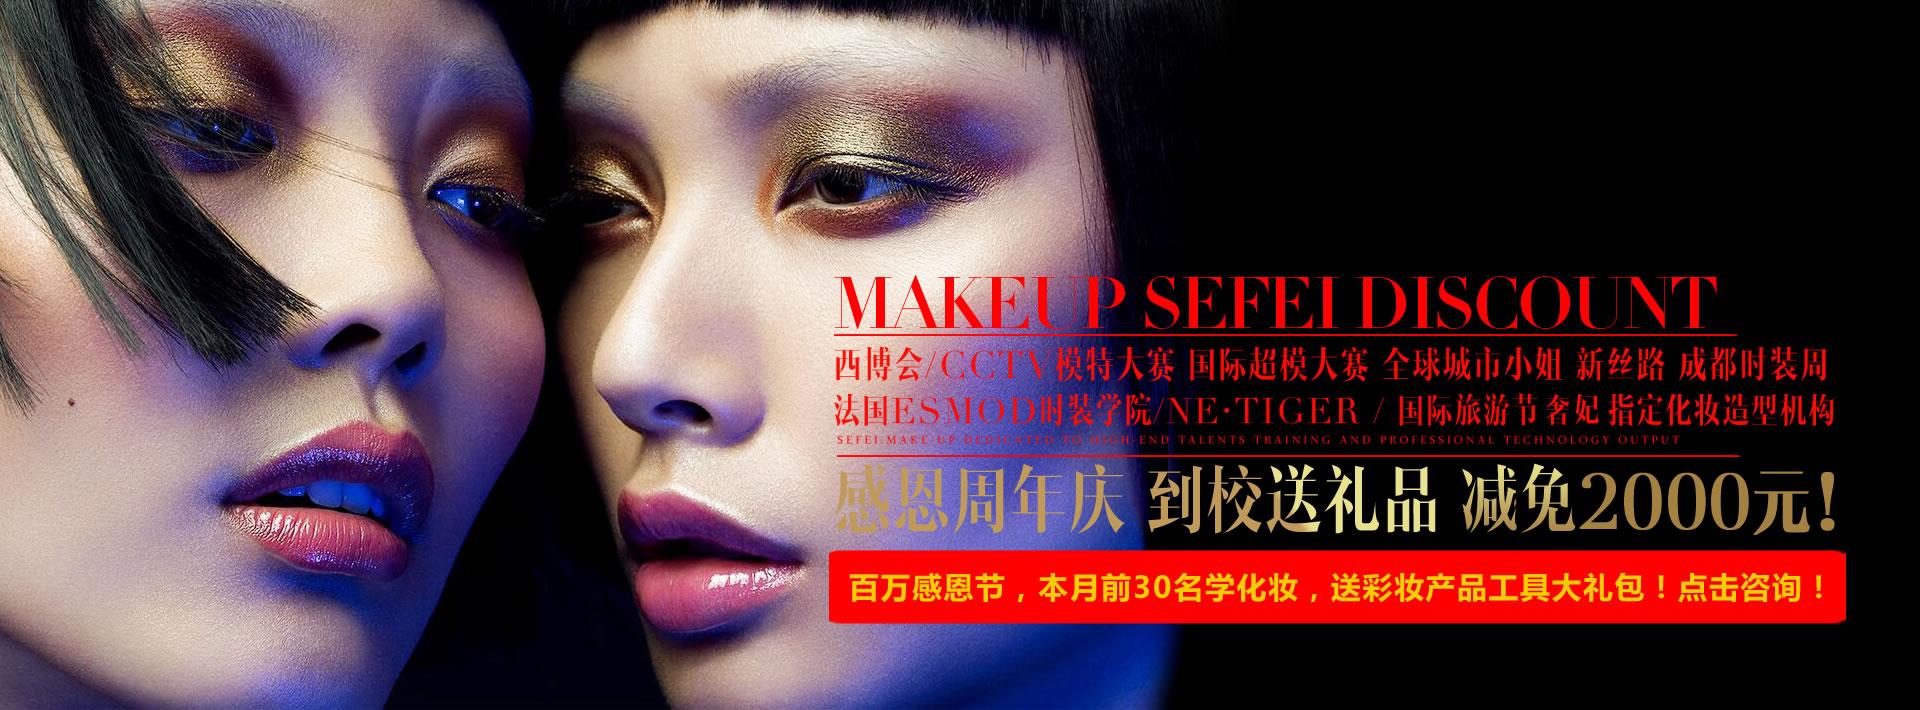 百万感恩节,本月前30名学化妆,送彩妆产品工具大礼包!点击咨询!